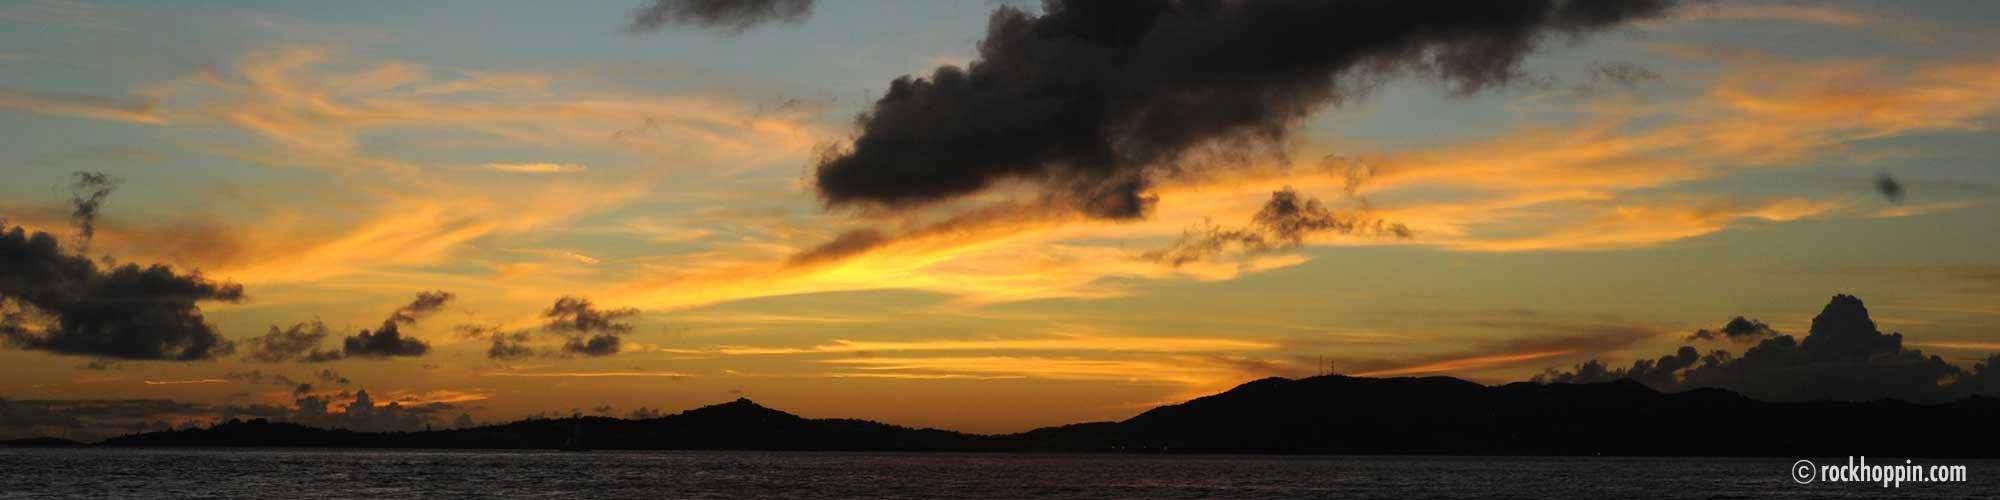 rockhoppin-charters-sunset-cruise-stjohn